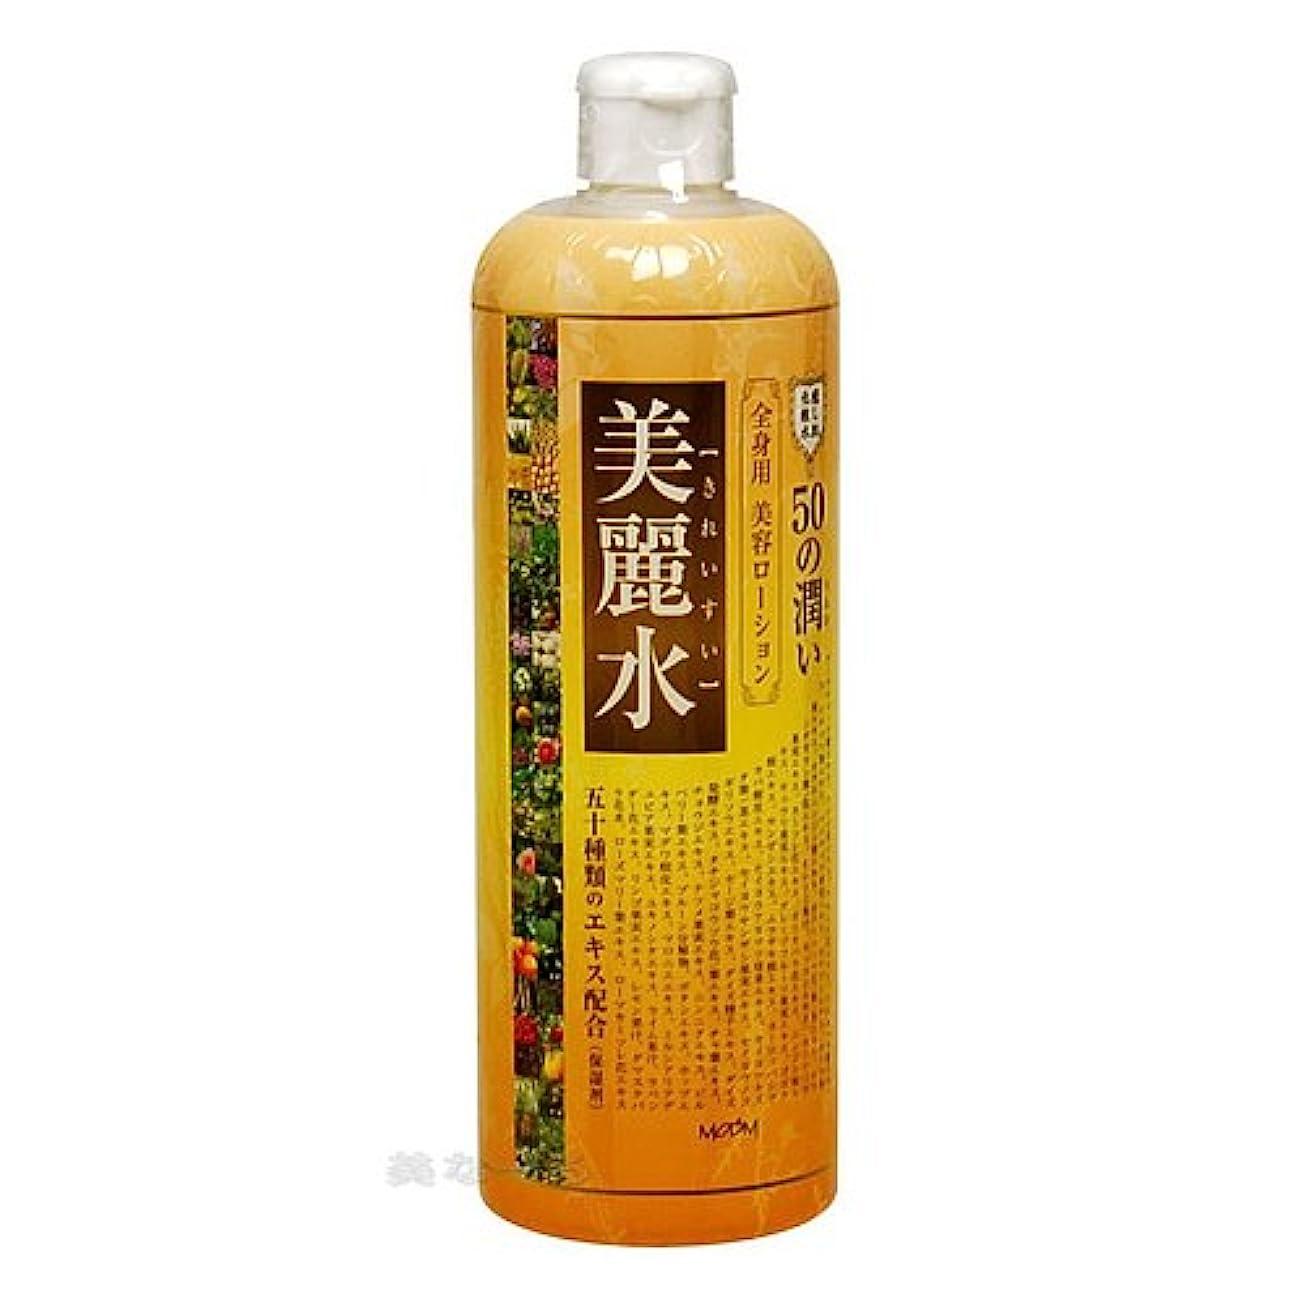 地元ピースセンブランスモデム ナチュラルウォーター50 【美麗水】